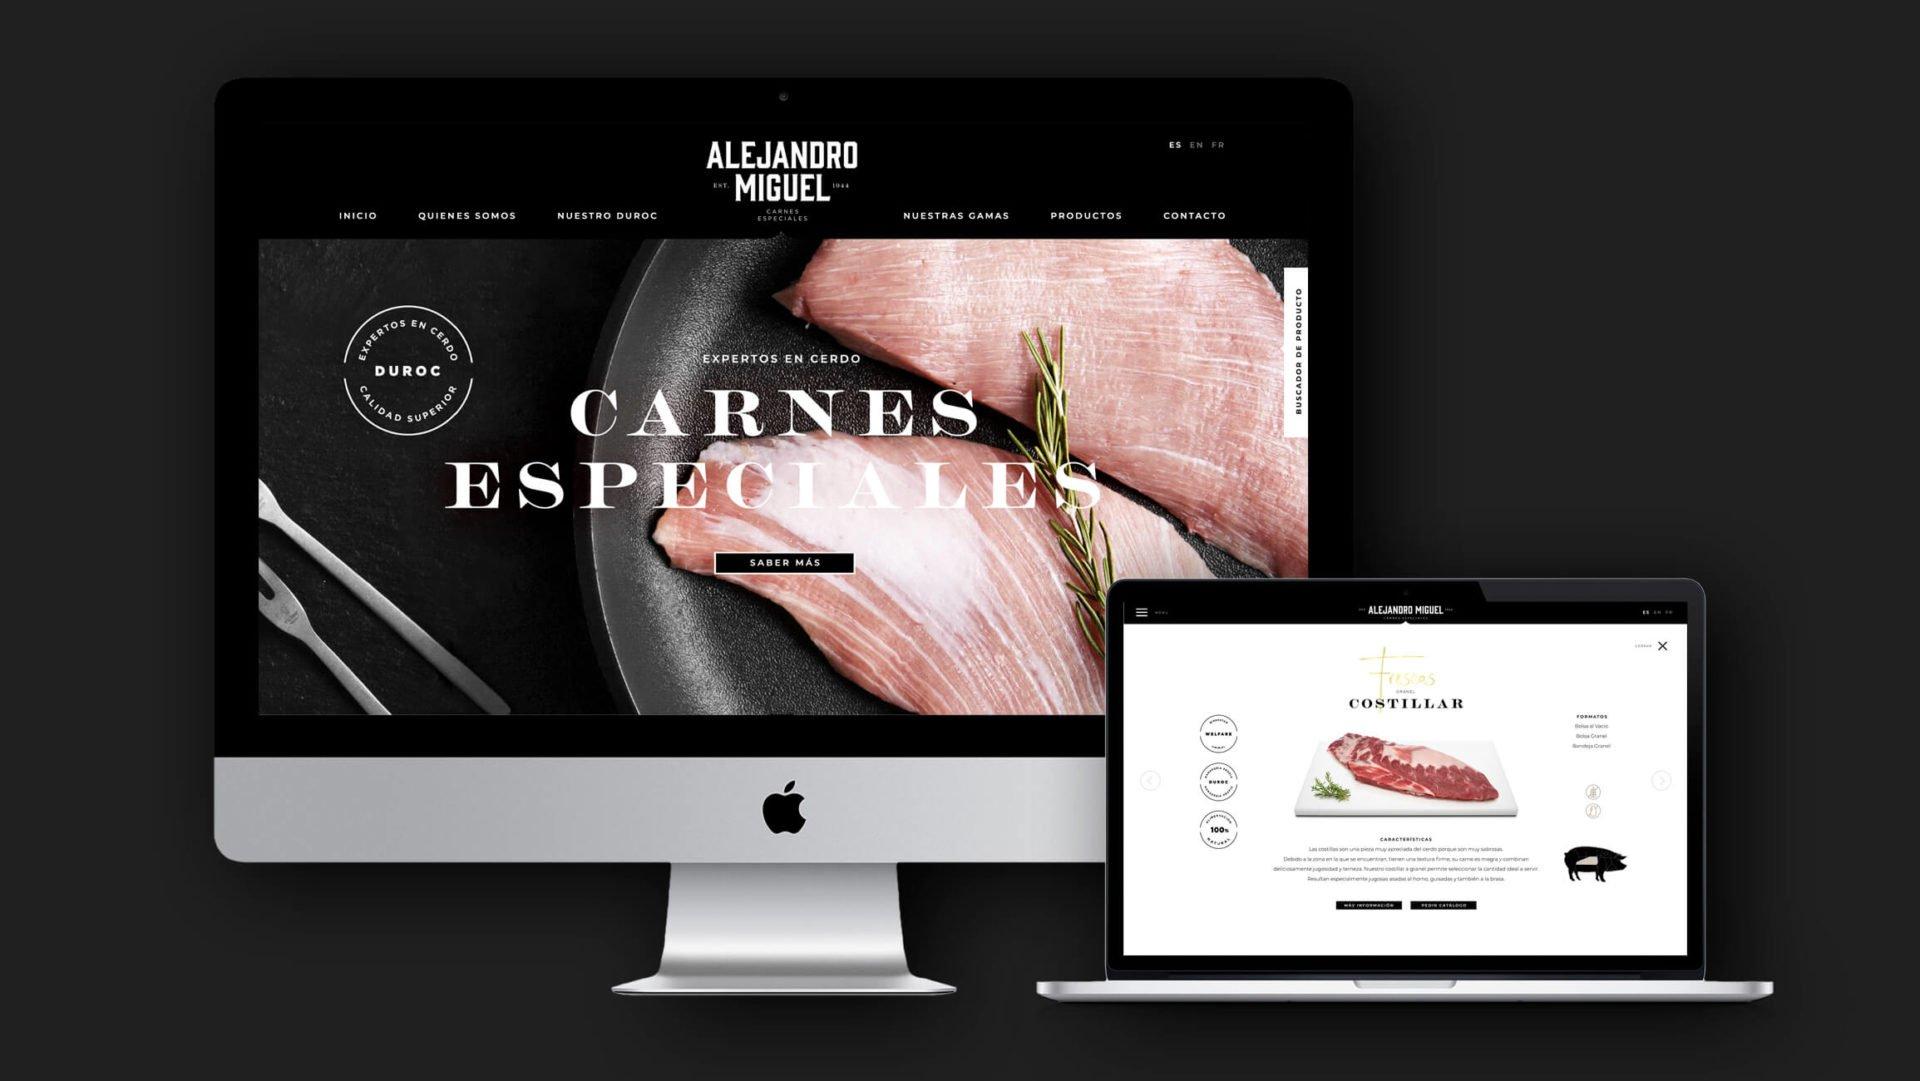 diseño-web-escritorio-carne-cerdo-duroc-alejandro-miguel